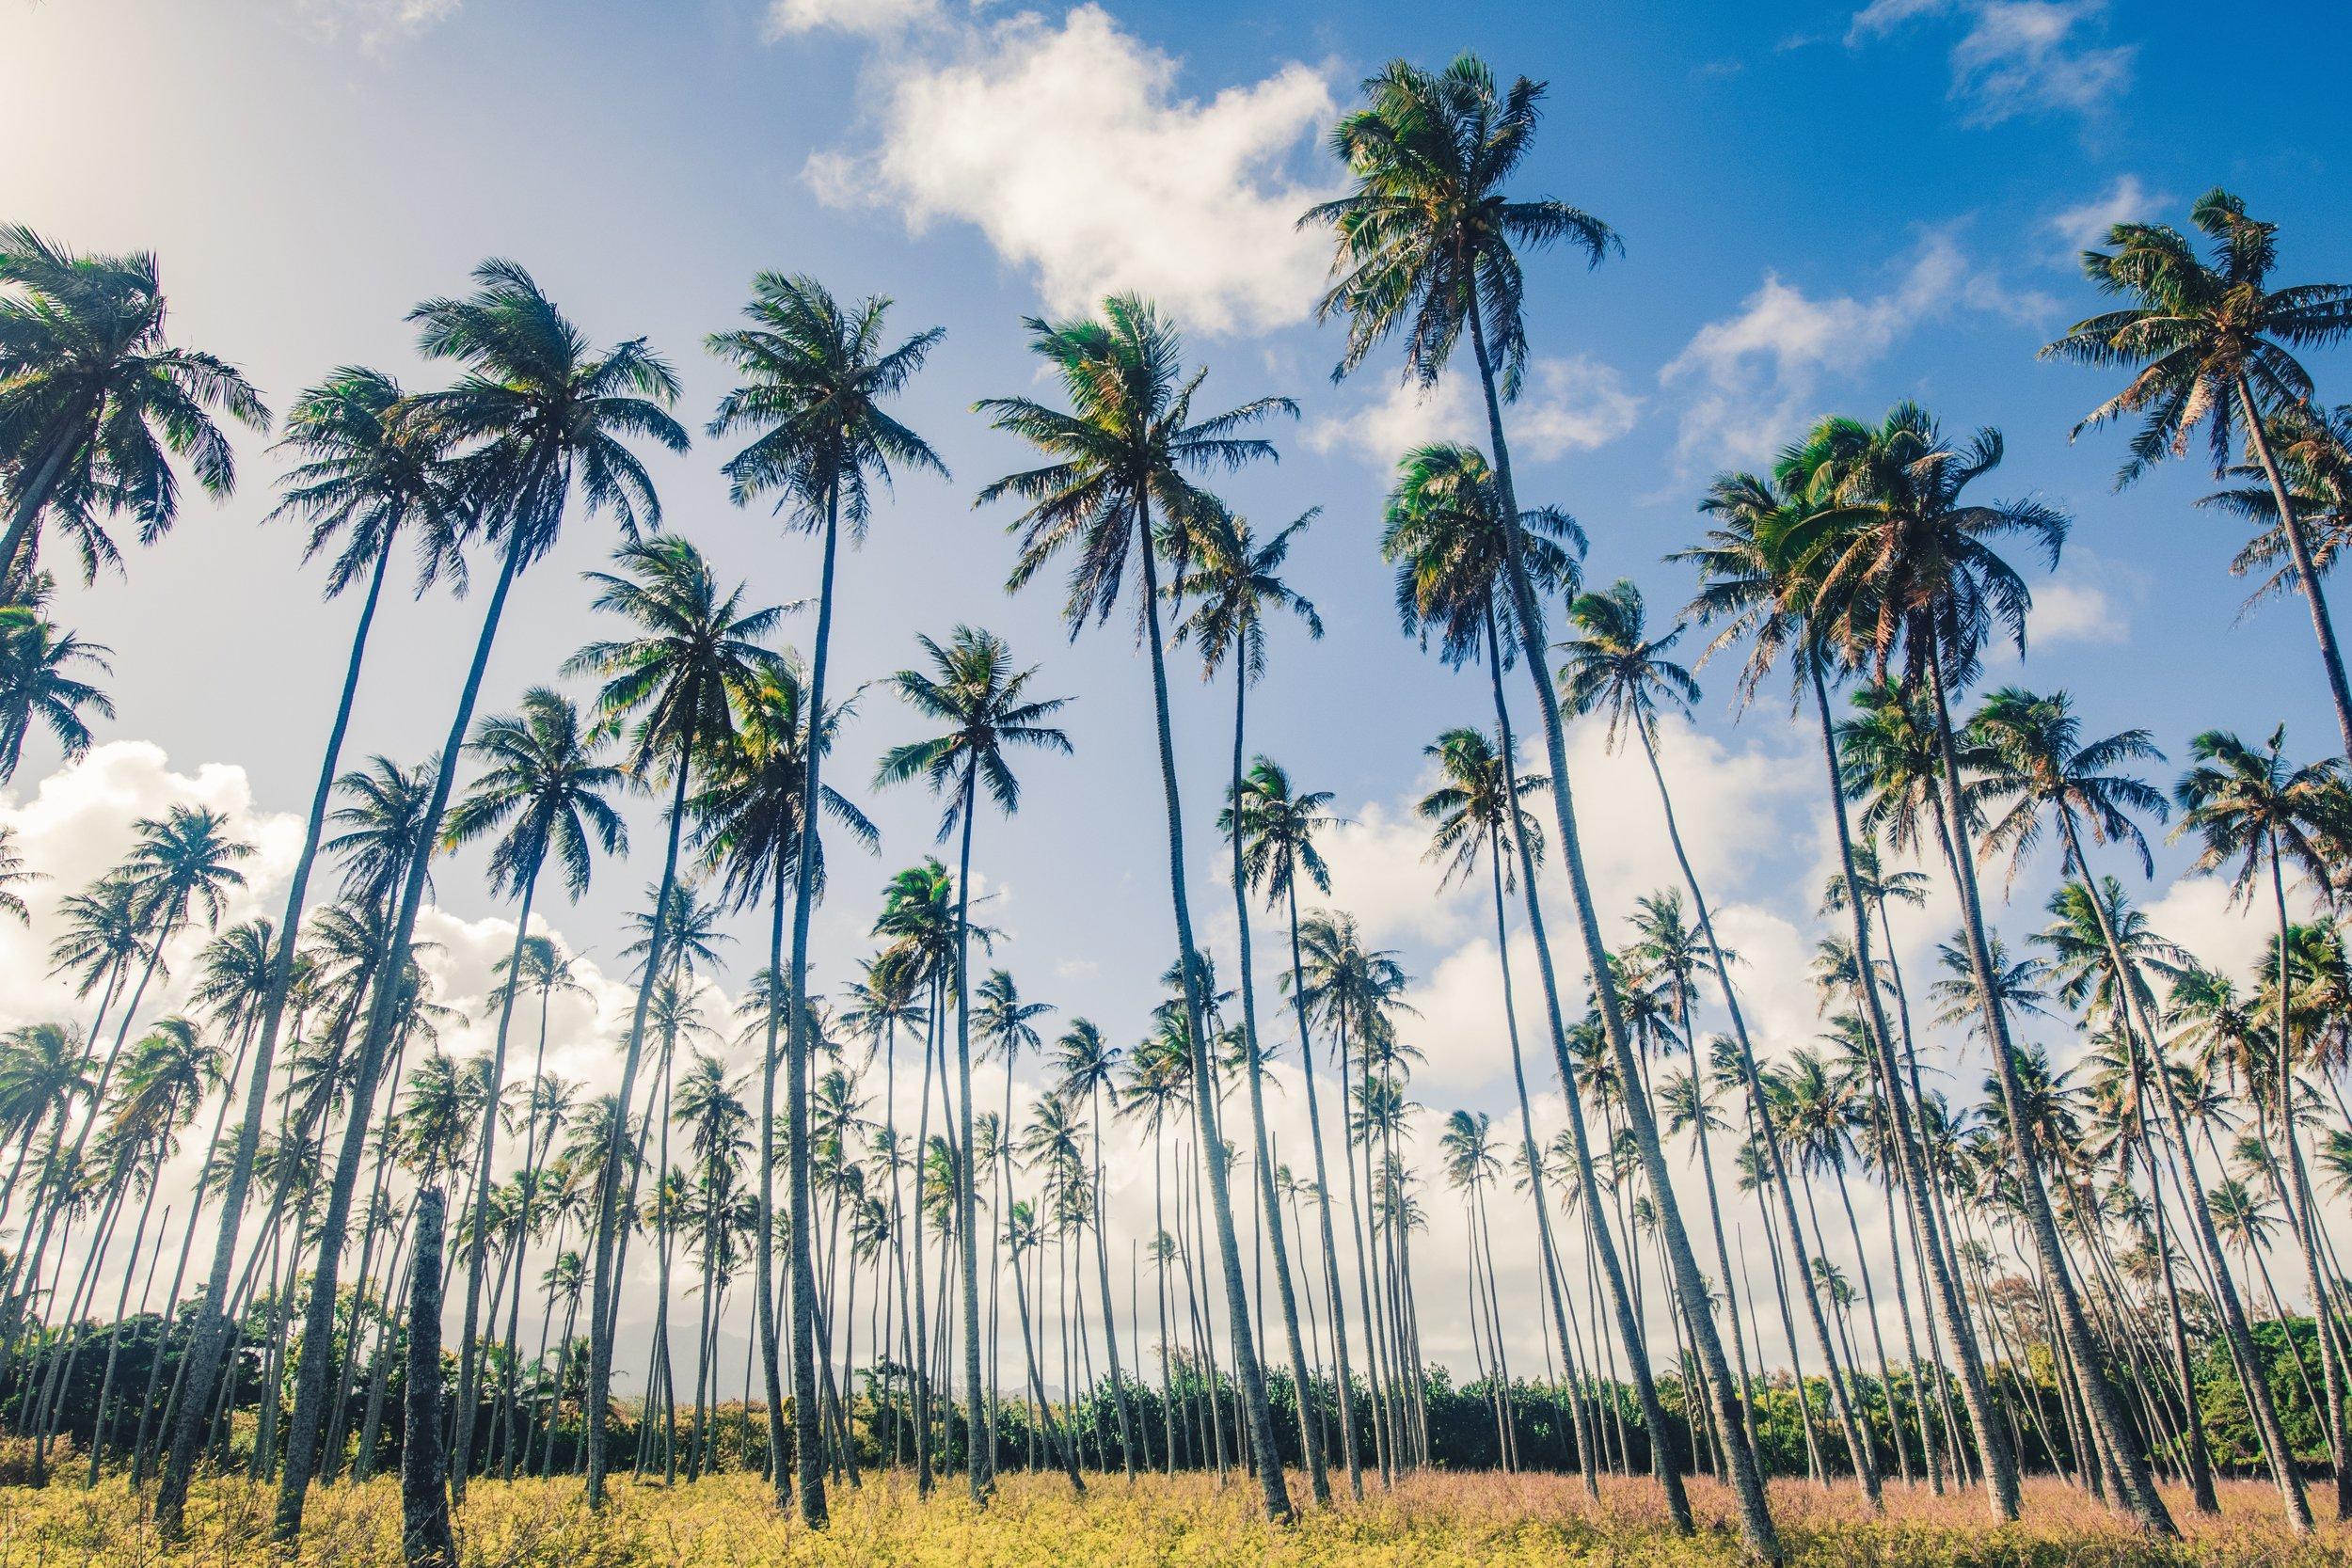 kauai palm 2.jpg